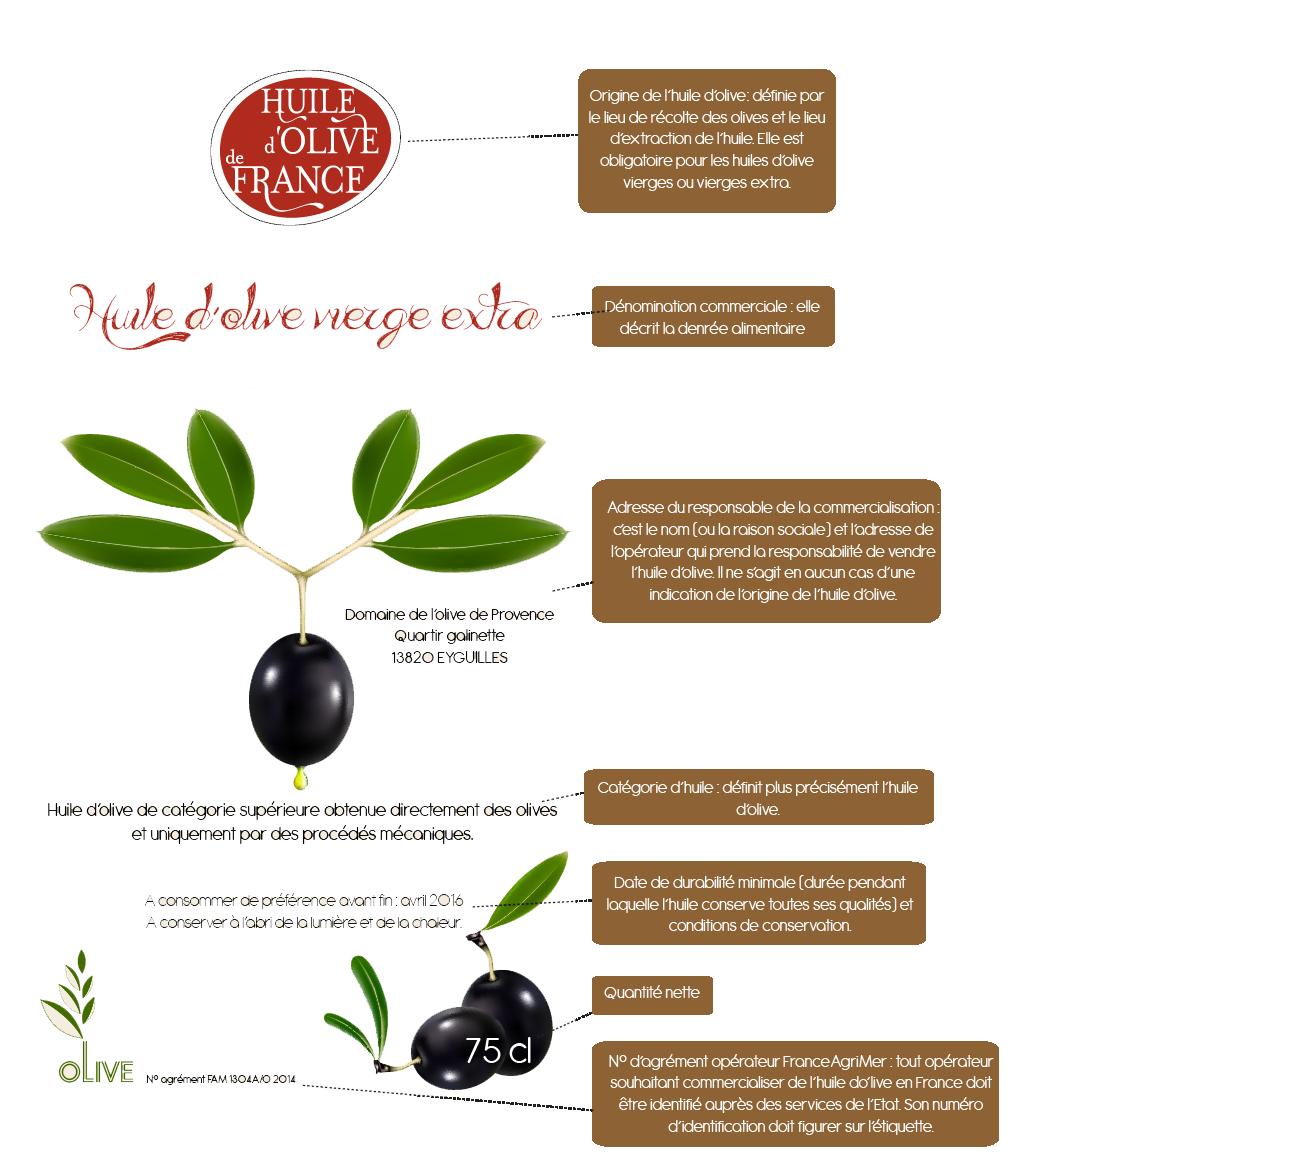 lire une étiquette d'huile d'olive